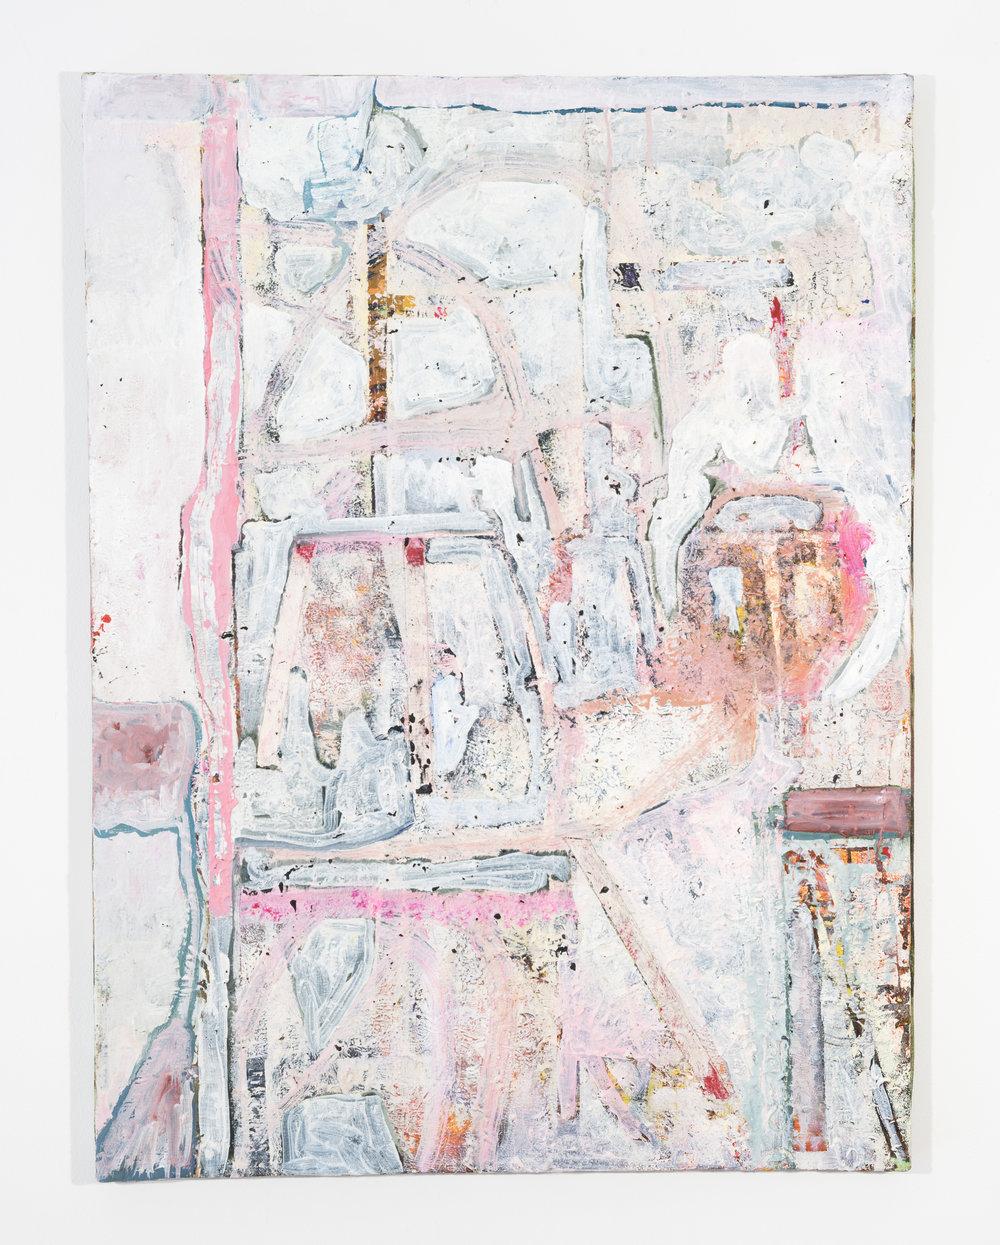 Steve DiBenedetto  Grudge  2015-19 Oil on linen 24 x 18 inches